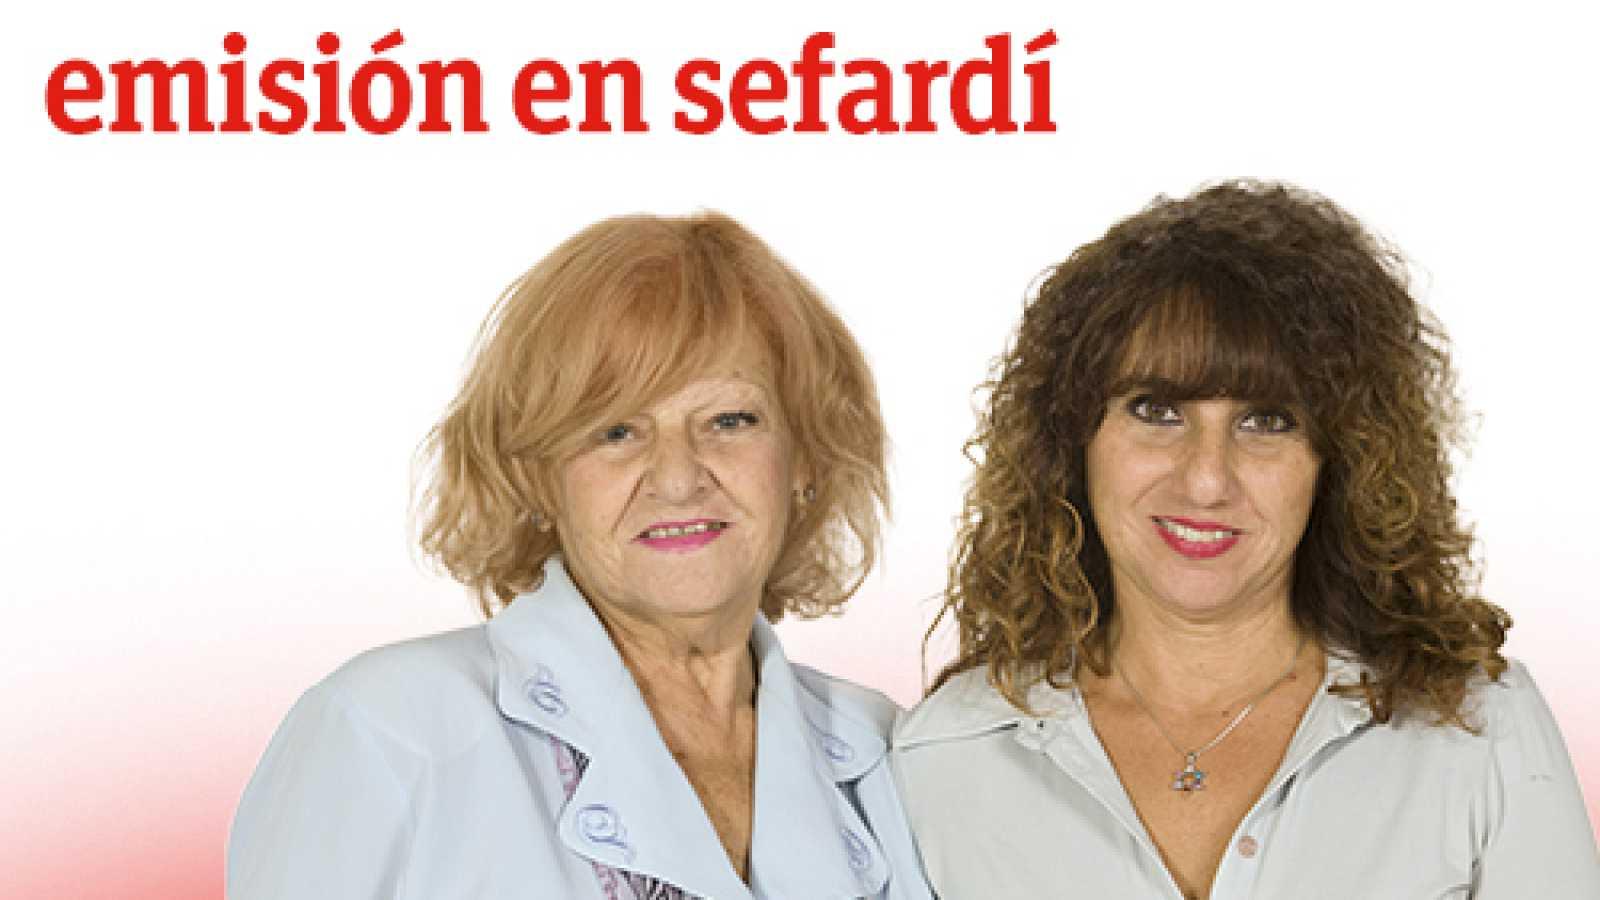 Emisión en sefardí - Historia de Sefarad: judíos y conversos en Guadalajara - 28/06/20 - escuchar ahora